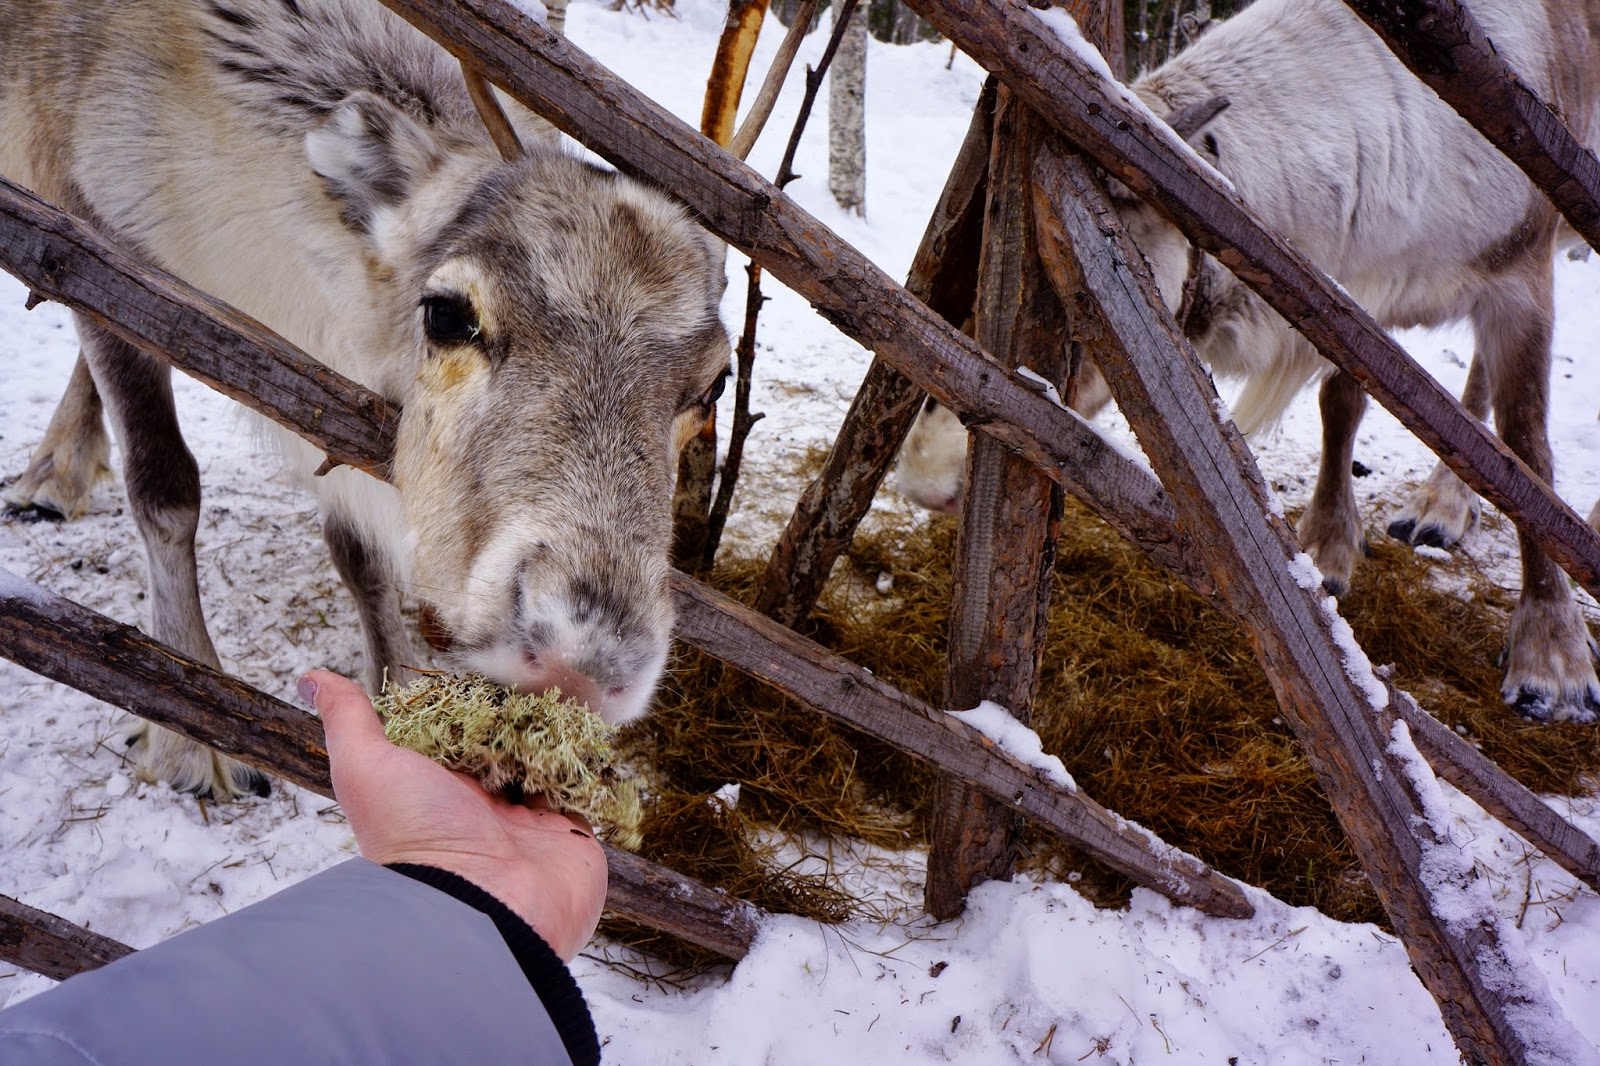 feeding reindeer lichen